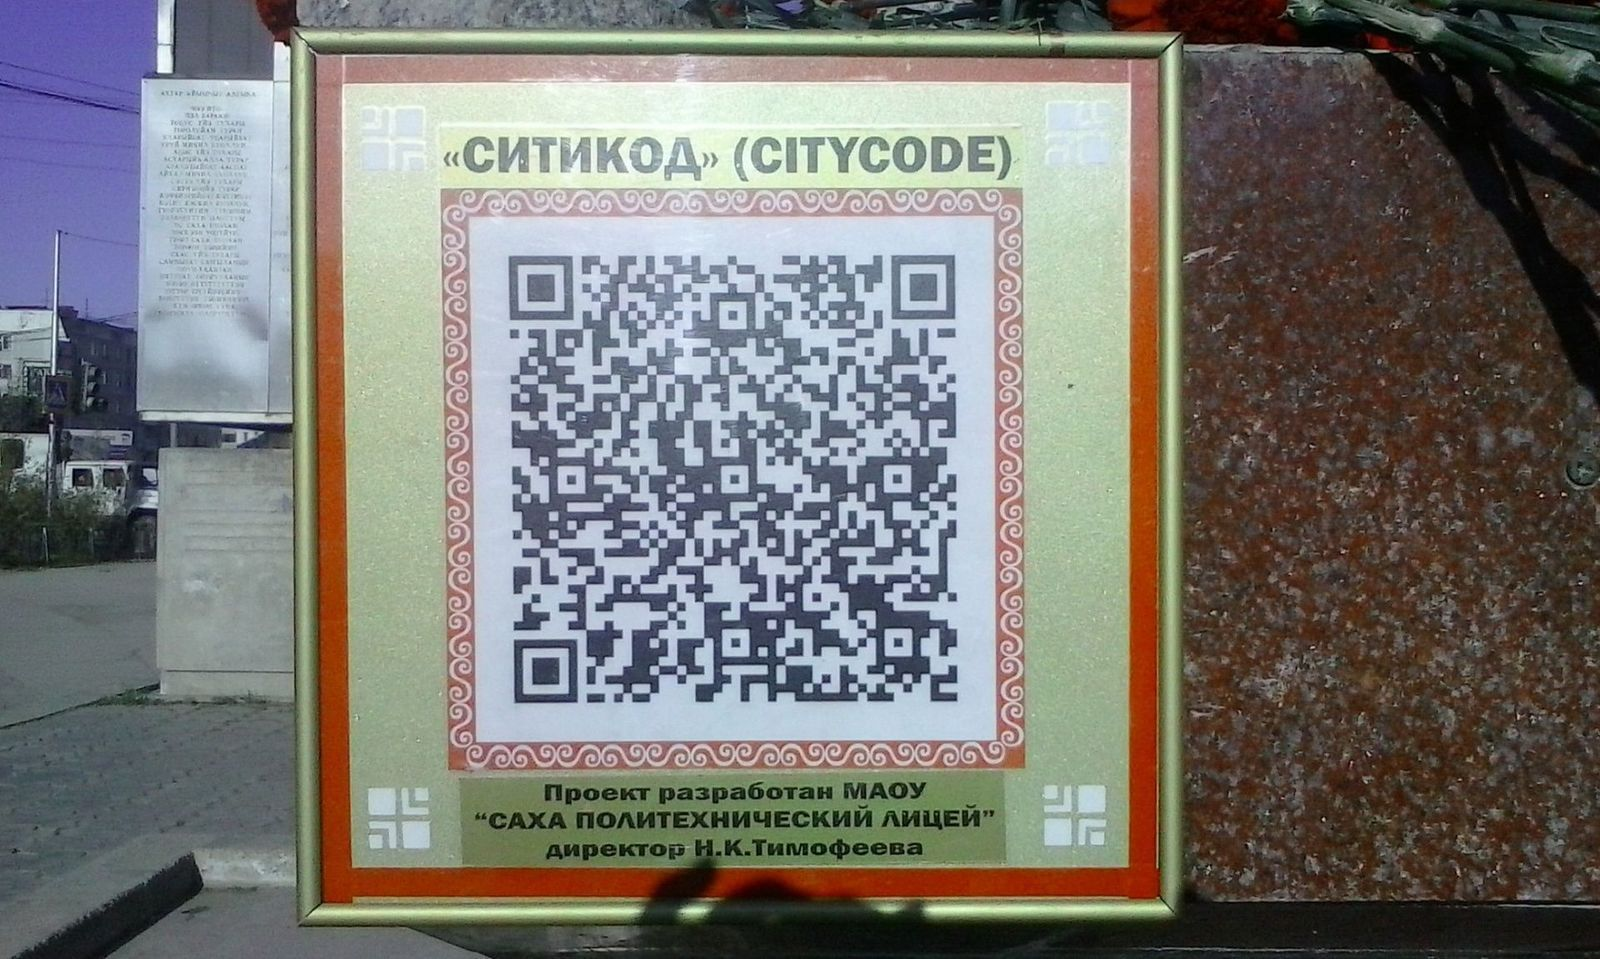 Ученики Саха политехнического лицея работают над проектом «City-код»